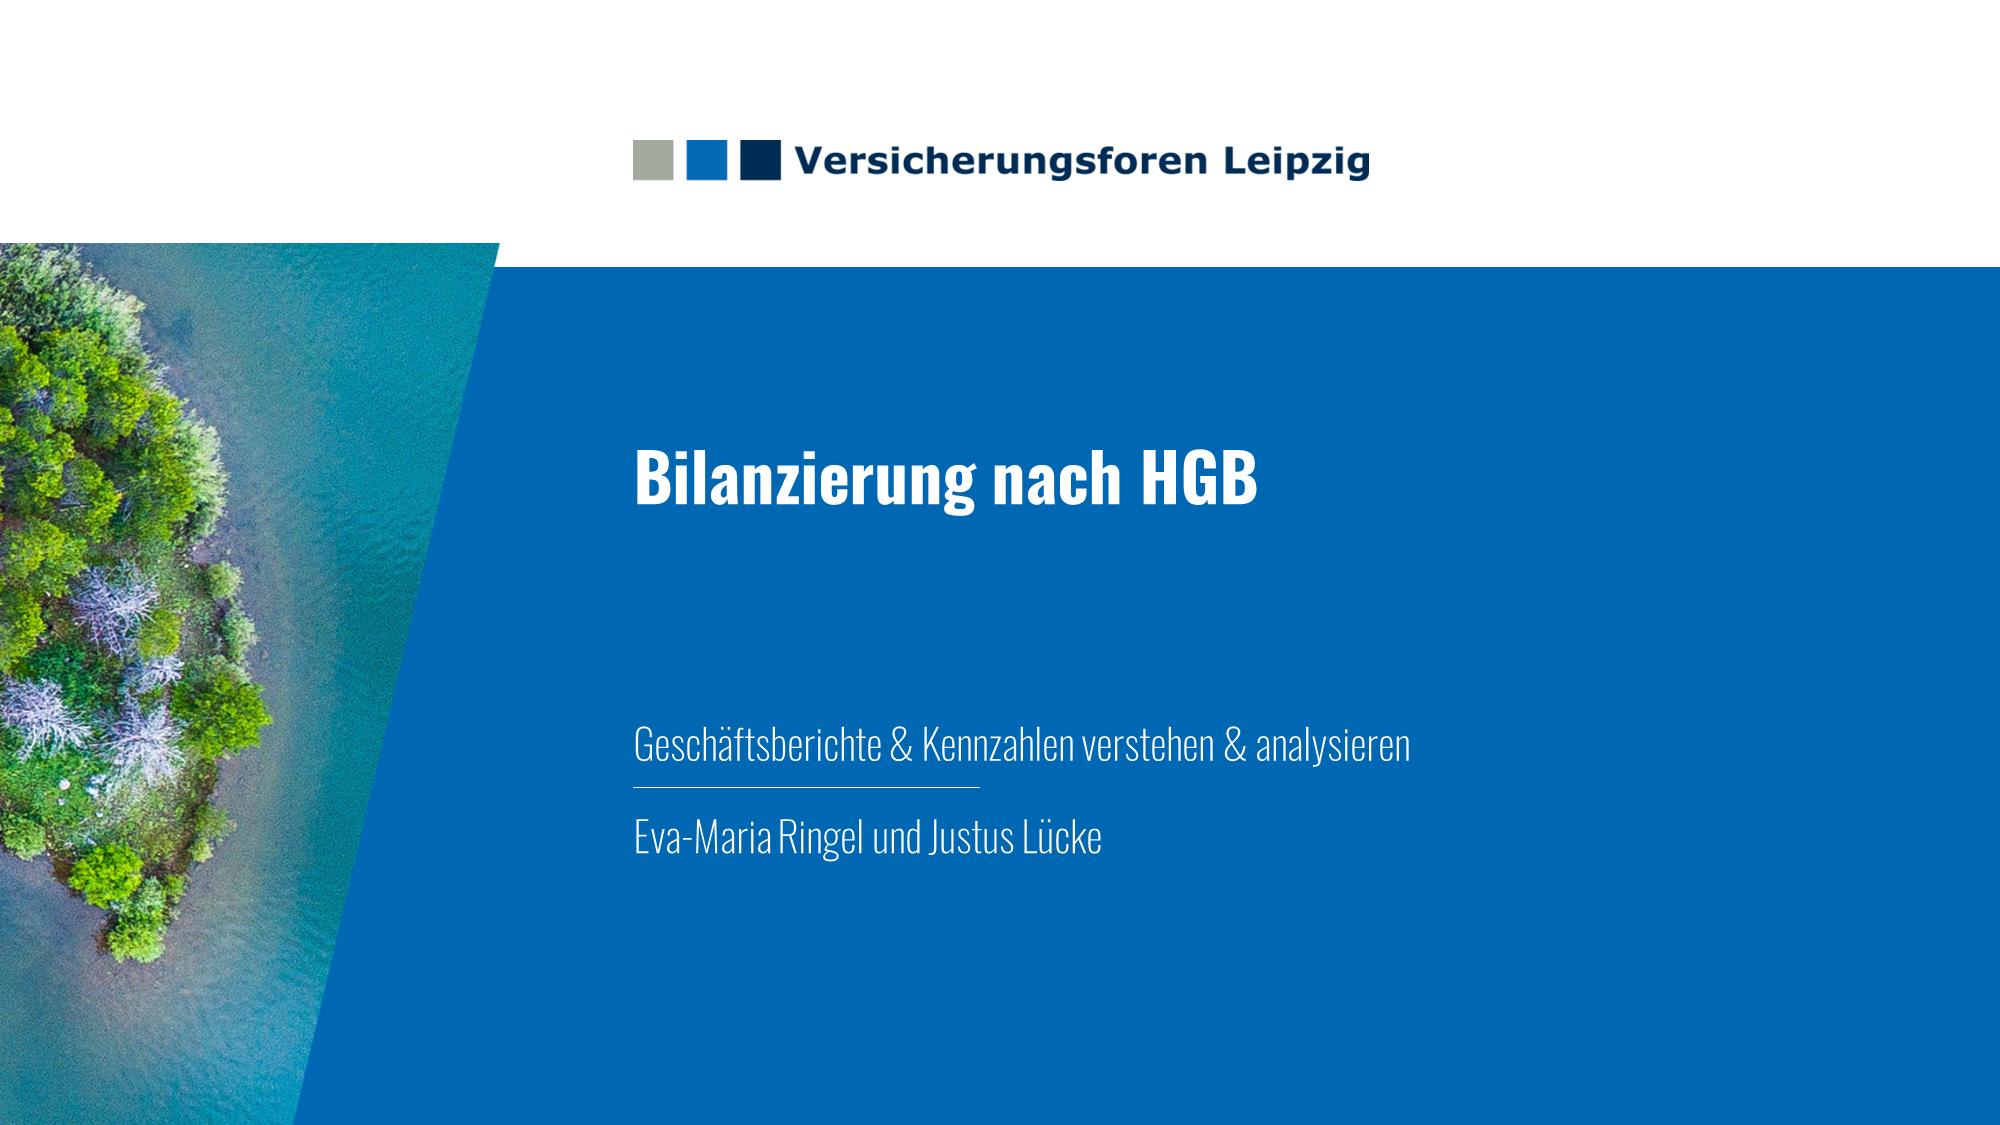 Bilanzierung nach HGB – Geschäftsberichte & Kennzahlen verstehen & analysieren